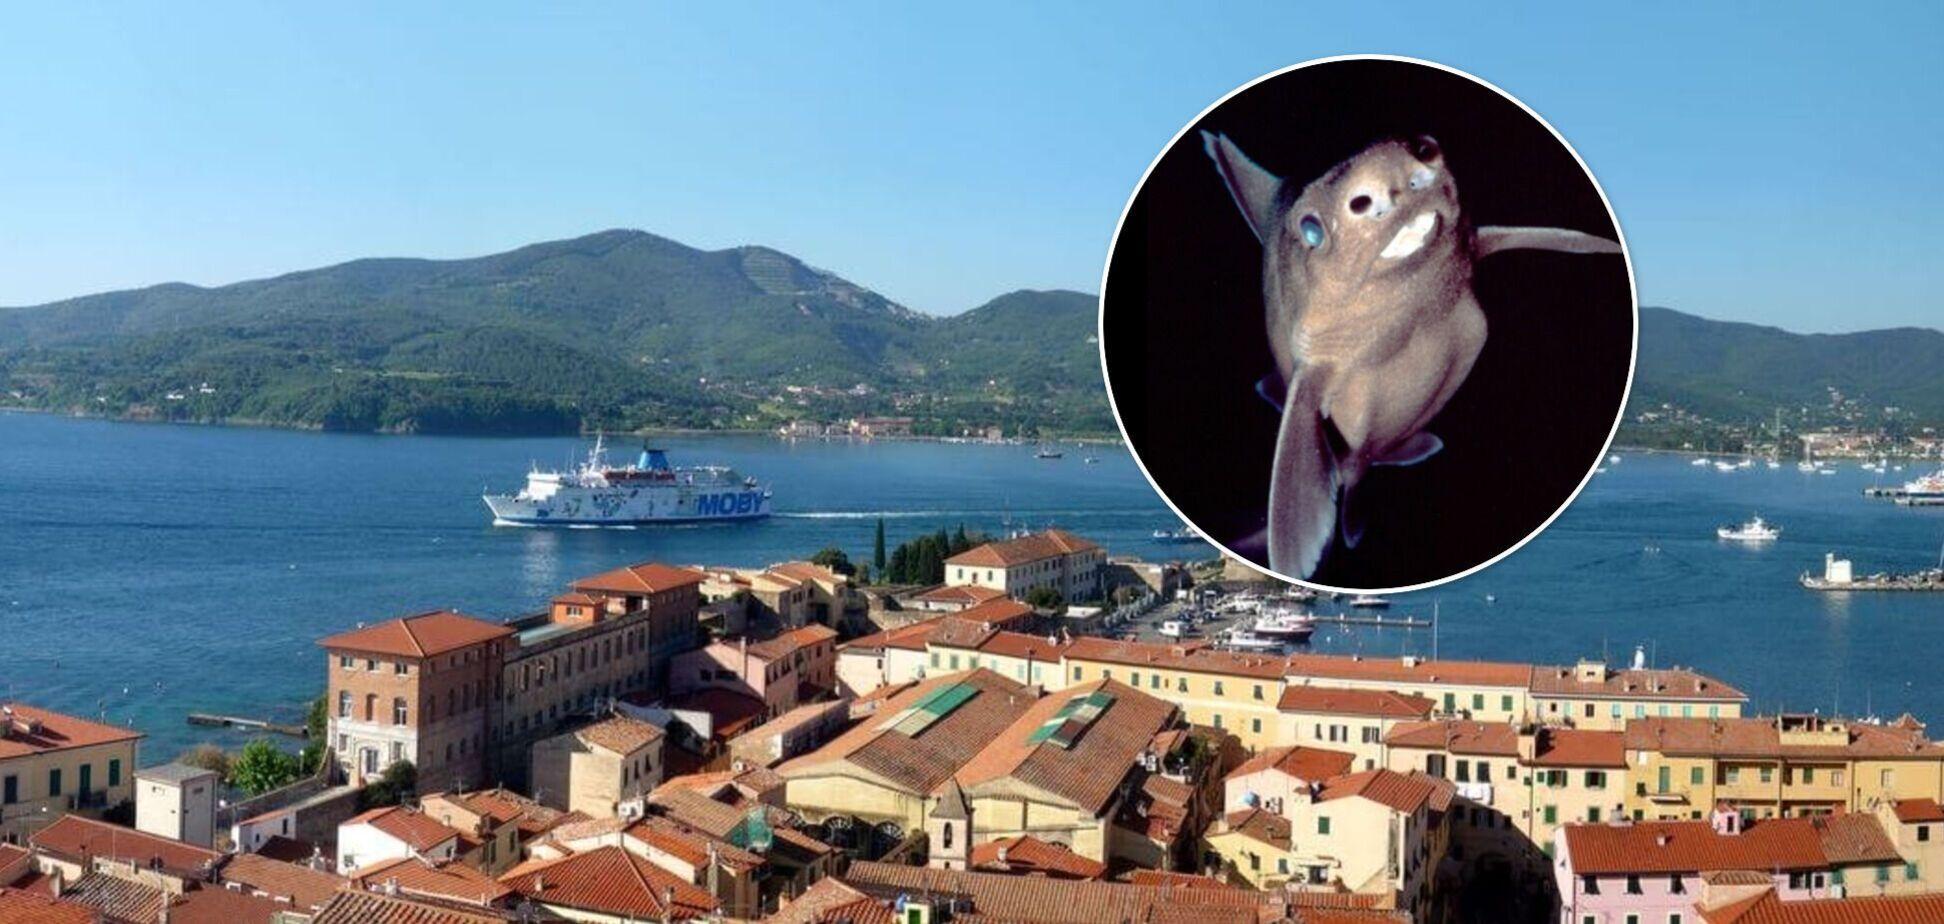 В Италии поймали акулу, поразительно похожую на свинью. Фото